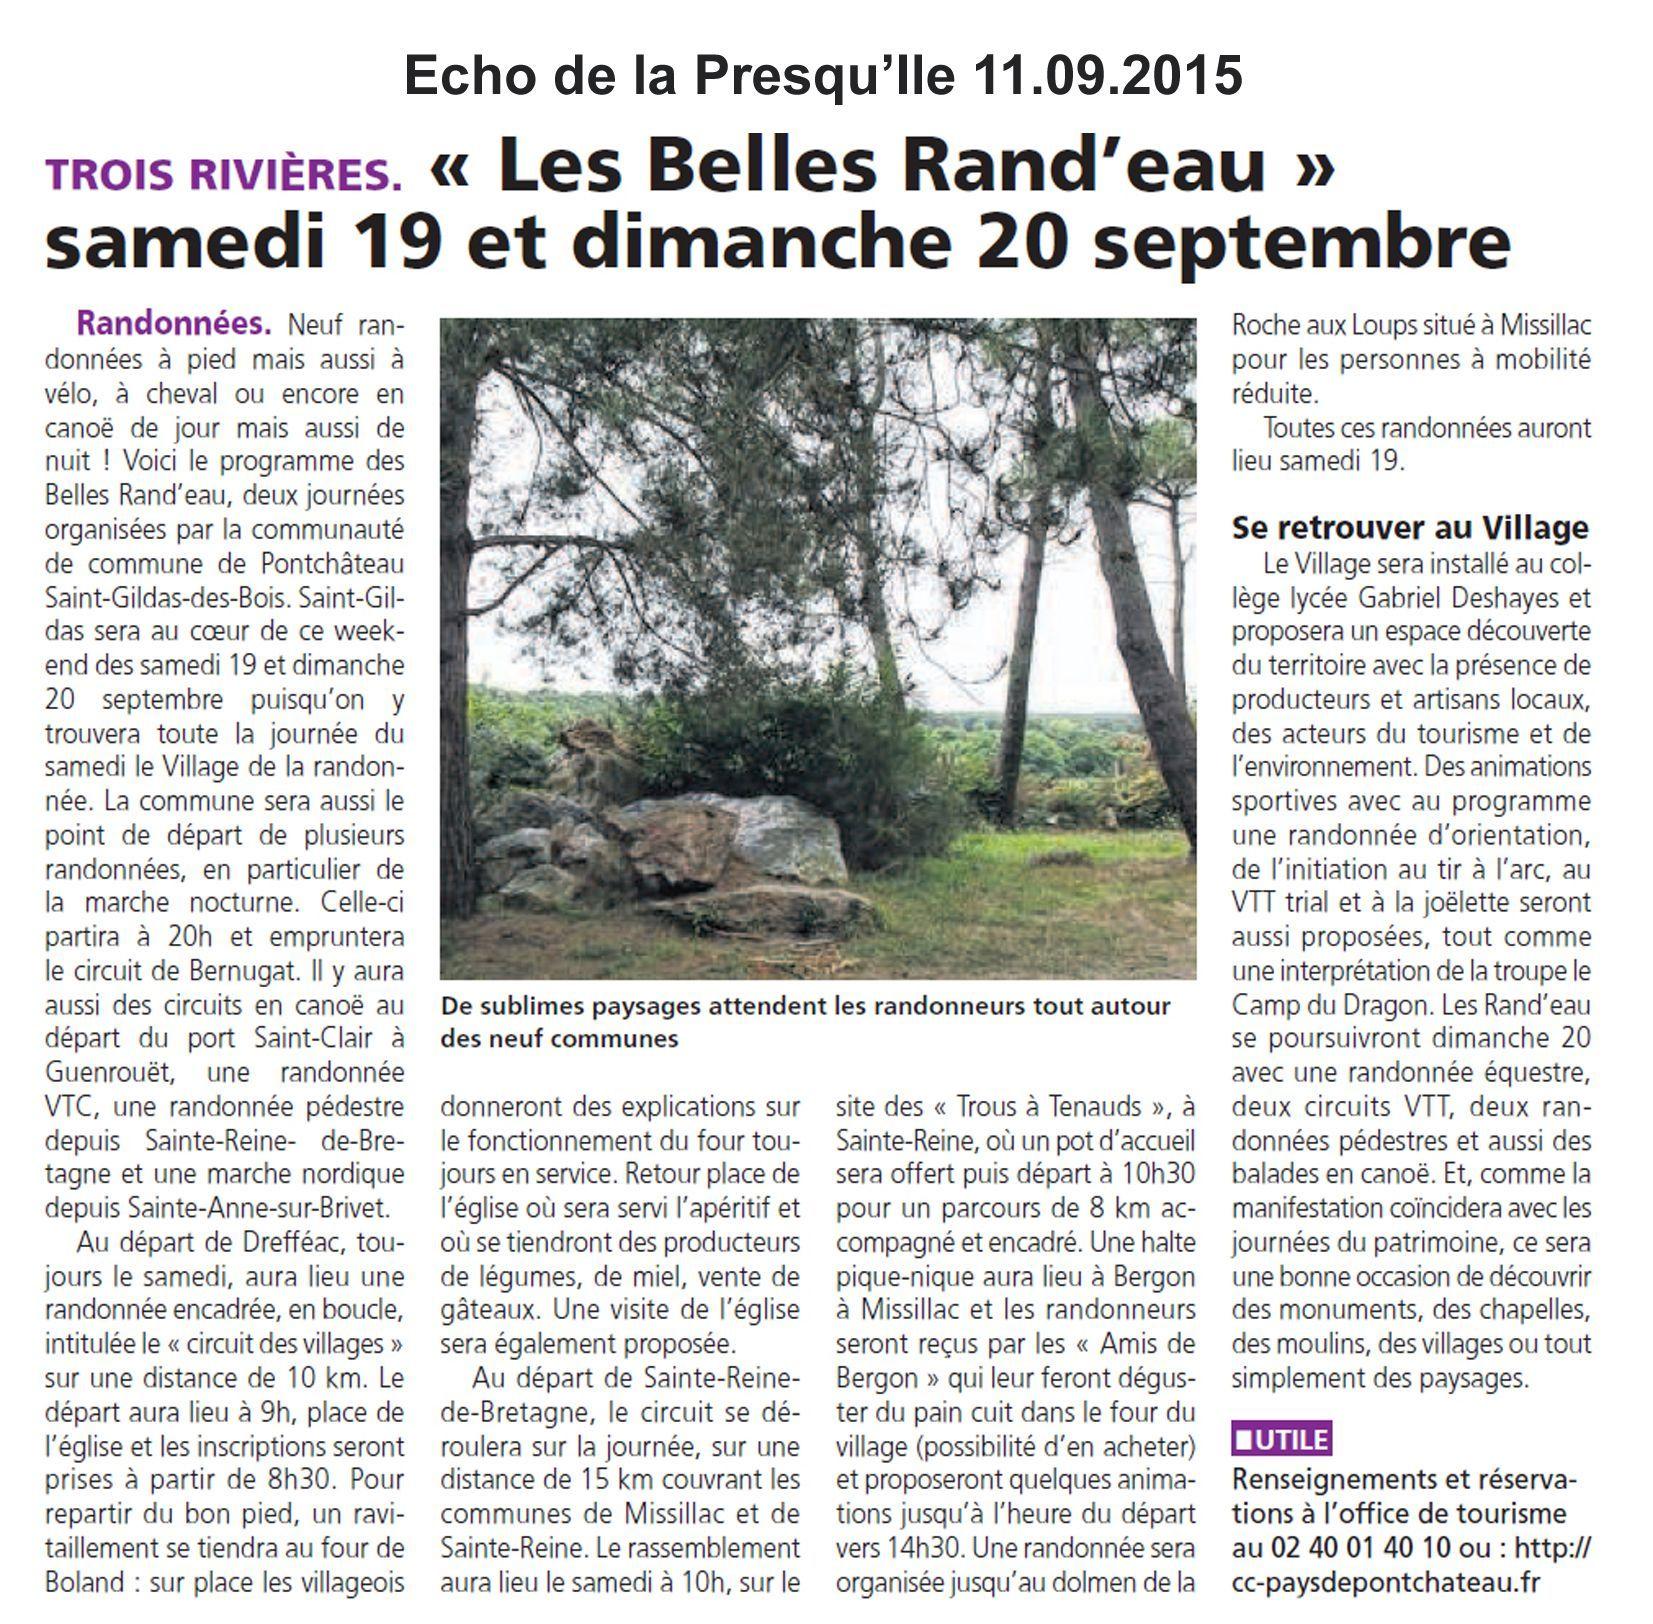 Belles randeau article 11.09.15 Echo